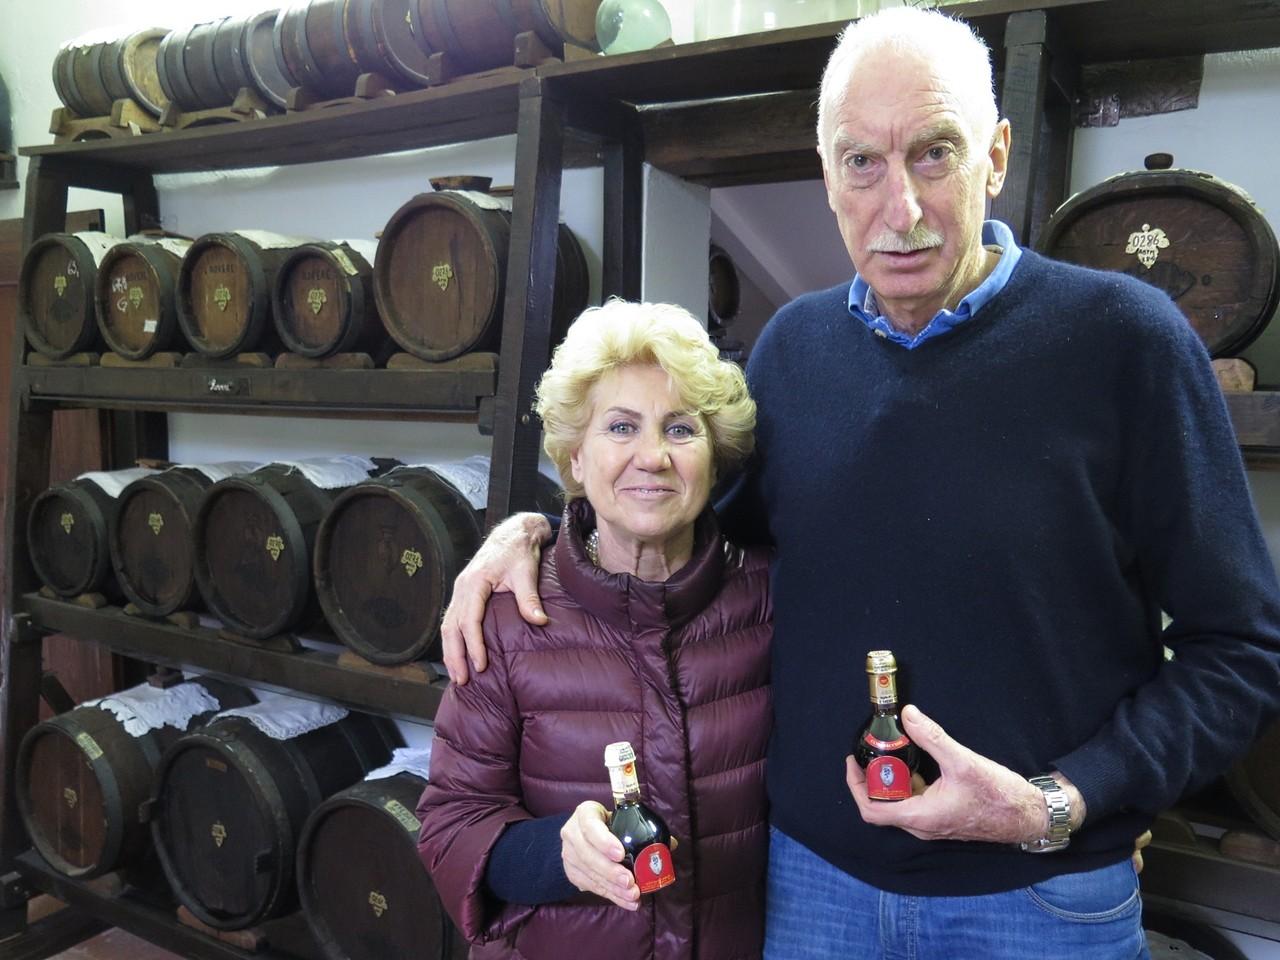 Giovanna e Giorgio Barbieri na Acetaia di Georgio, no sótão da sua casa em Modena